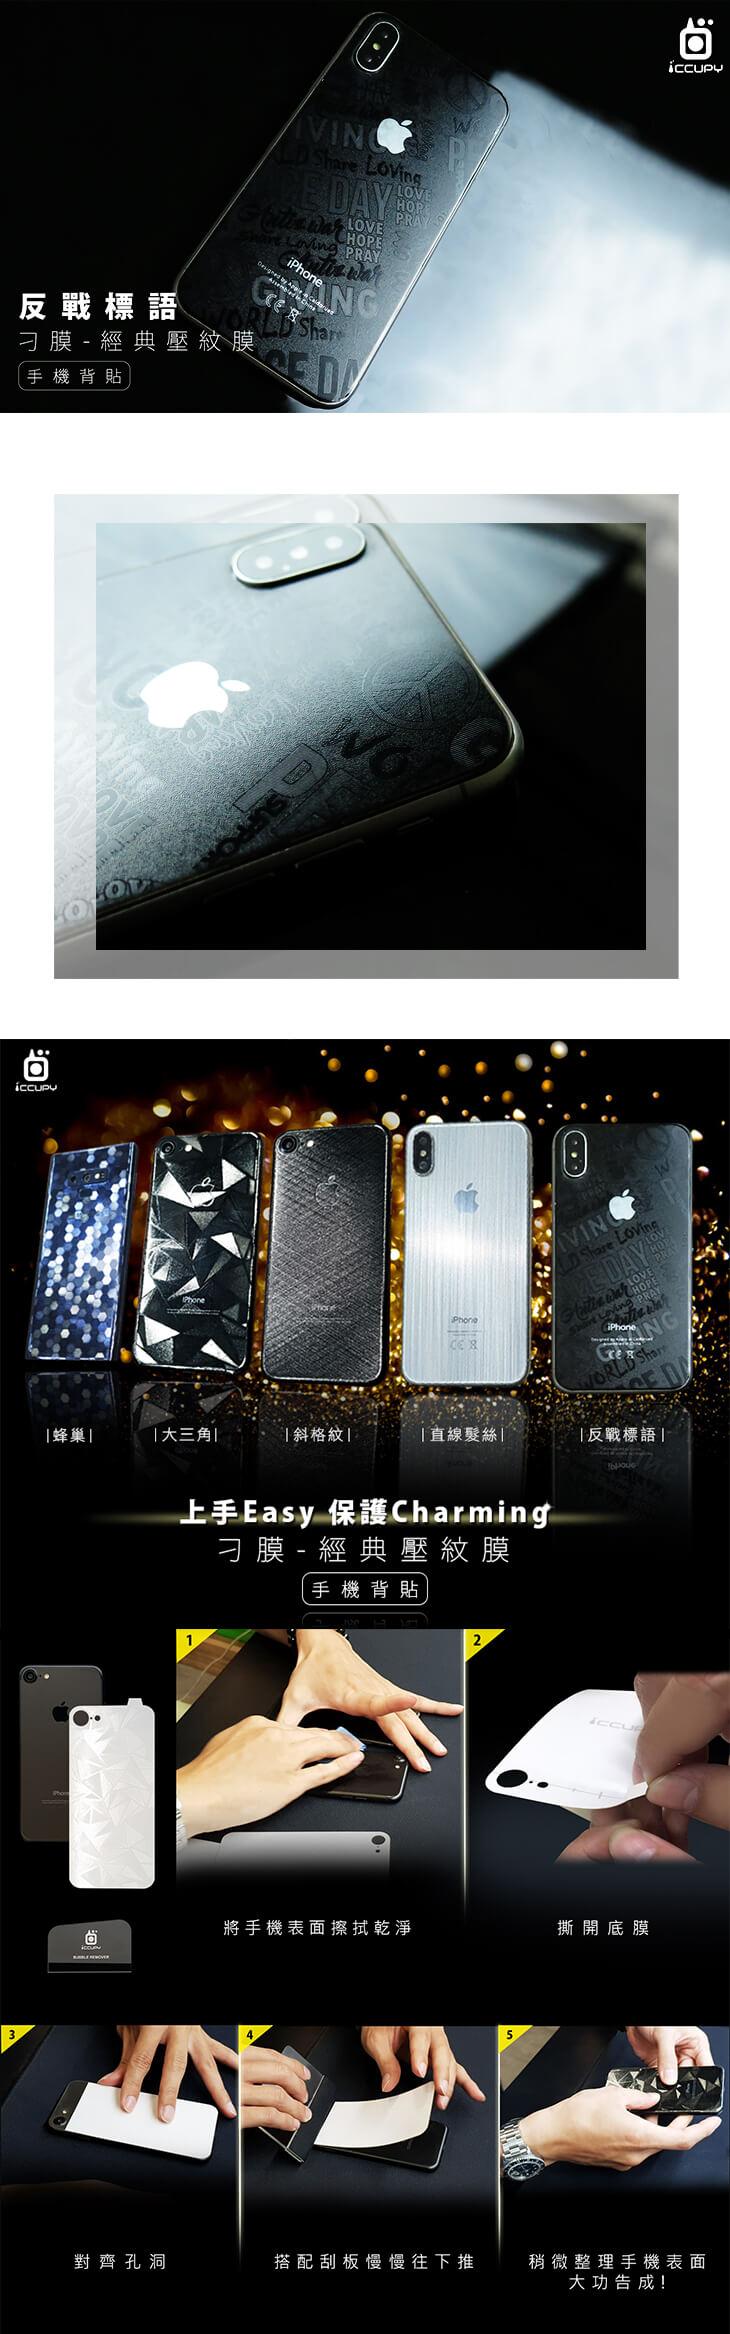 手機包膜-刁膜DiaoMore-經典壓紋膜背貼-反戰標語